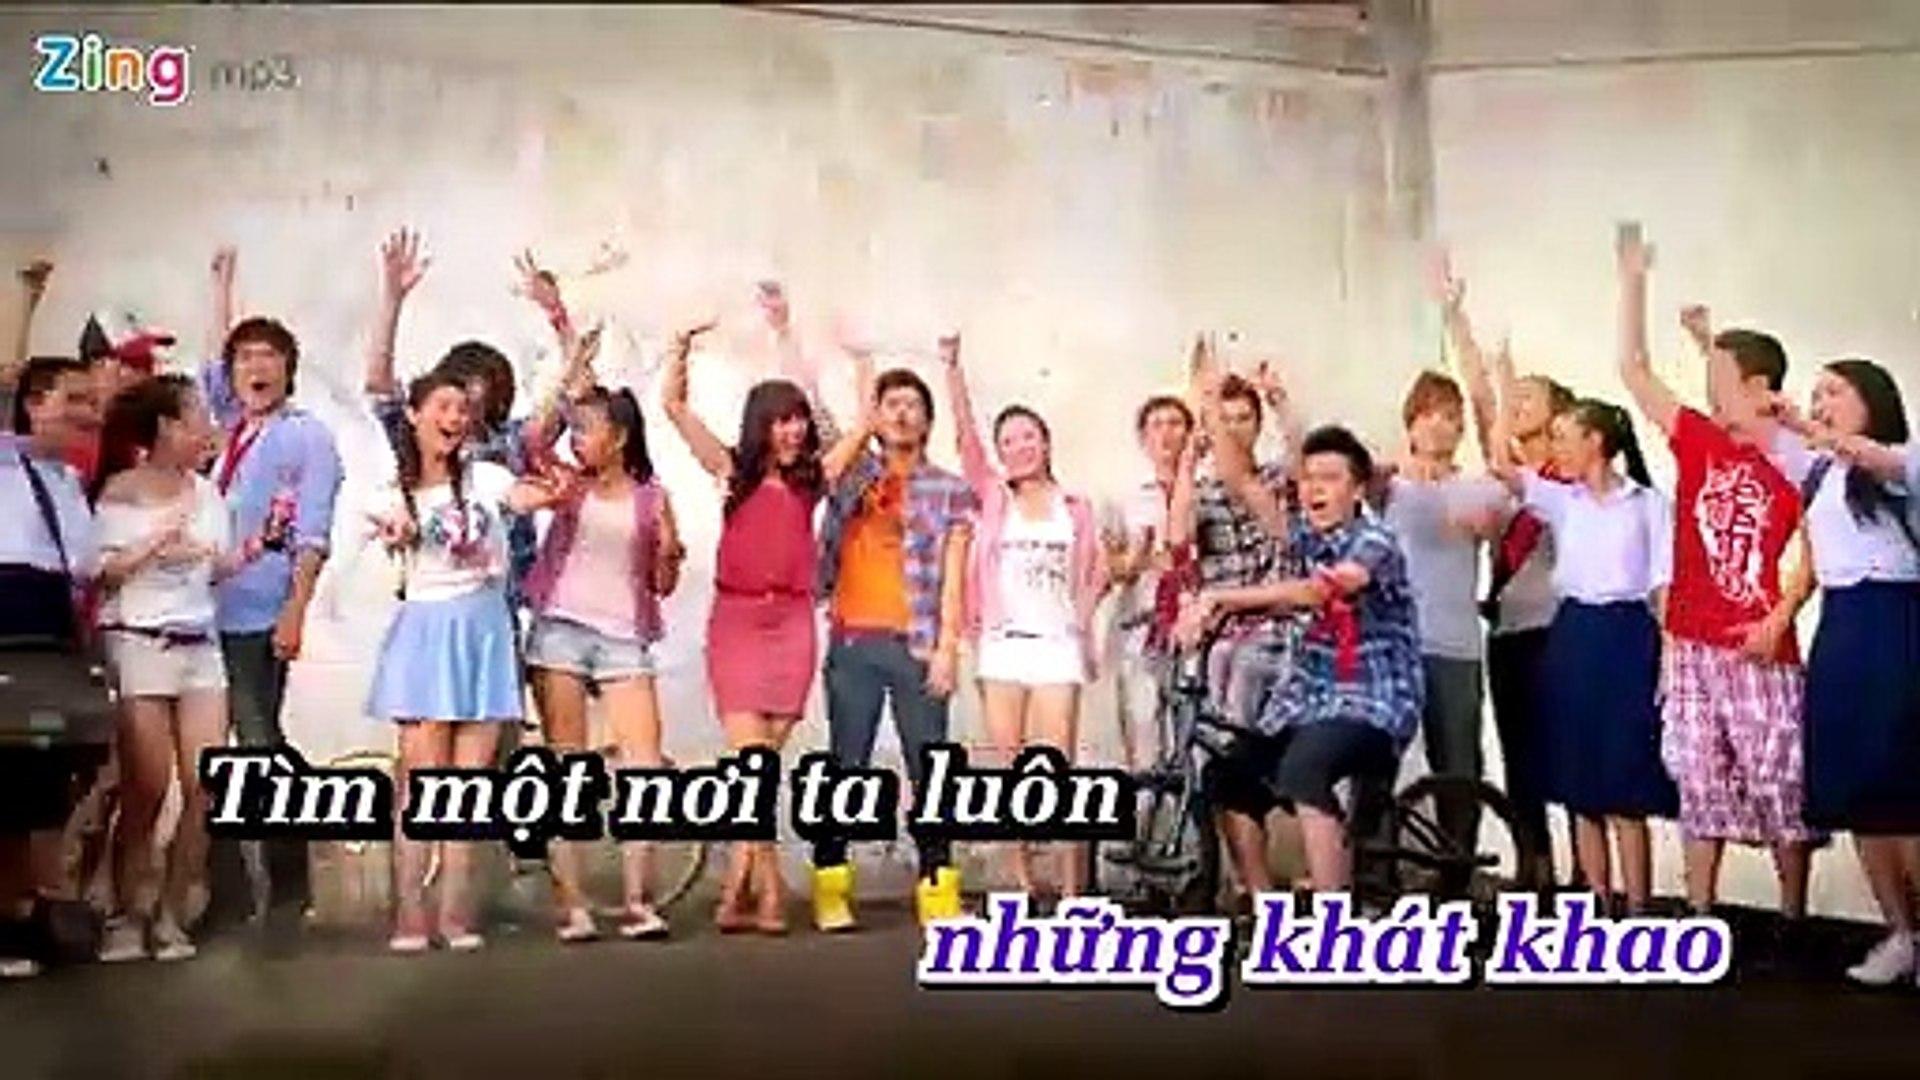 [Karaoke] Chạm Đến Ước Mơ - Phương Vy Ft. Văn Mai Hương, La Thăng [Beat]